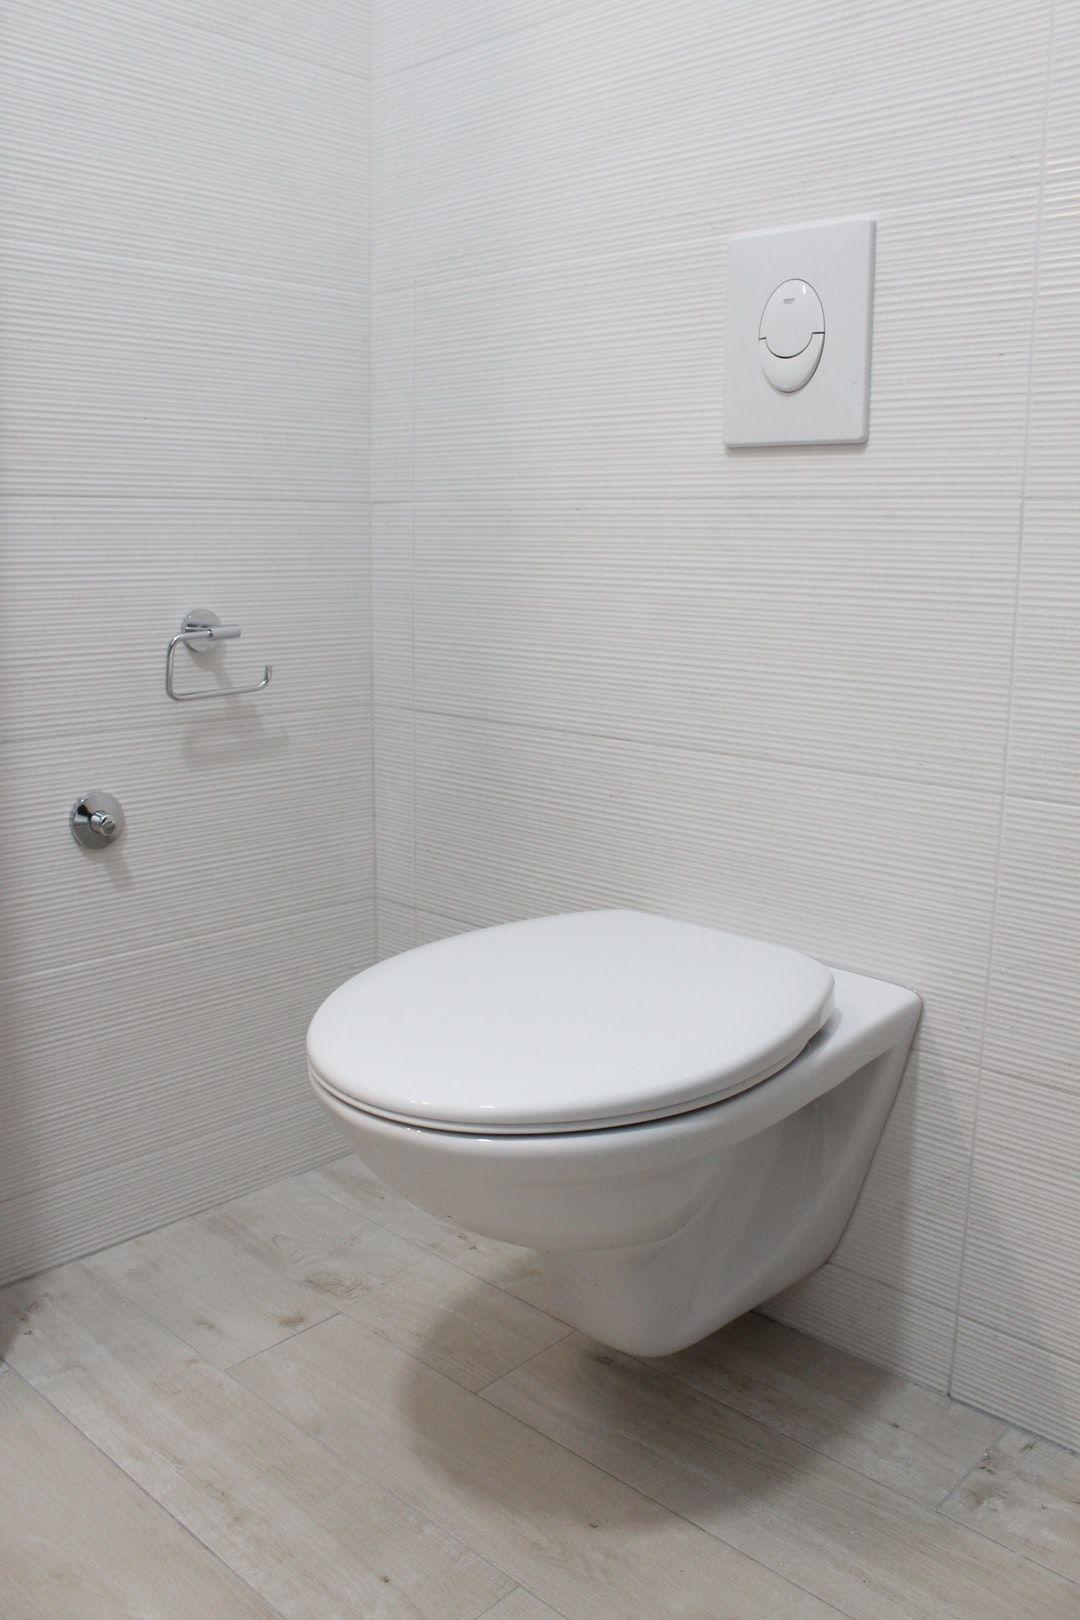 16 Erstaunlichste Moglichkeiten Ihrem Badezimmer Neues Leben Einzuhauchen In 2020 Badezimmerideen Badezimmer Bad Set